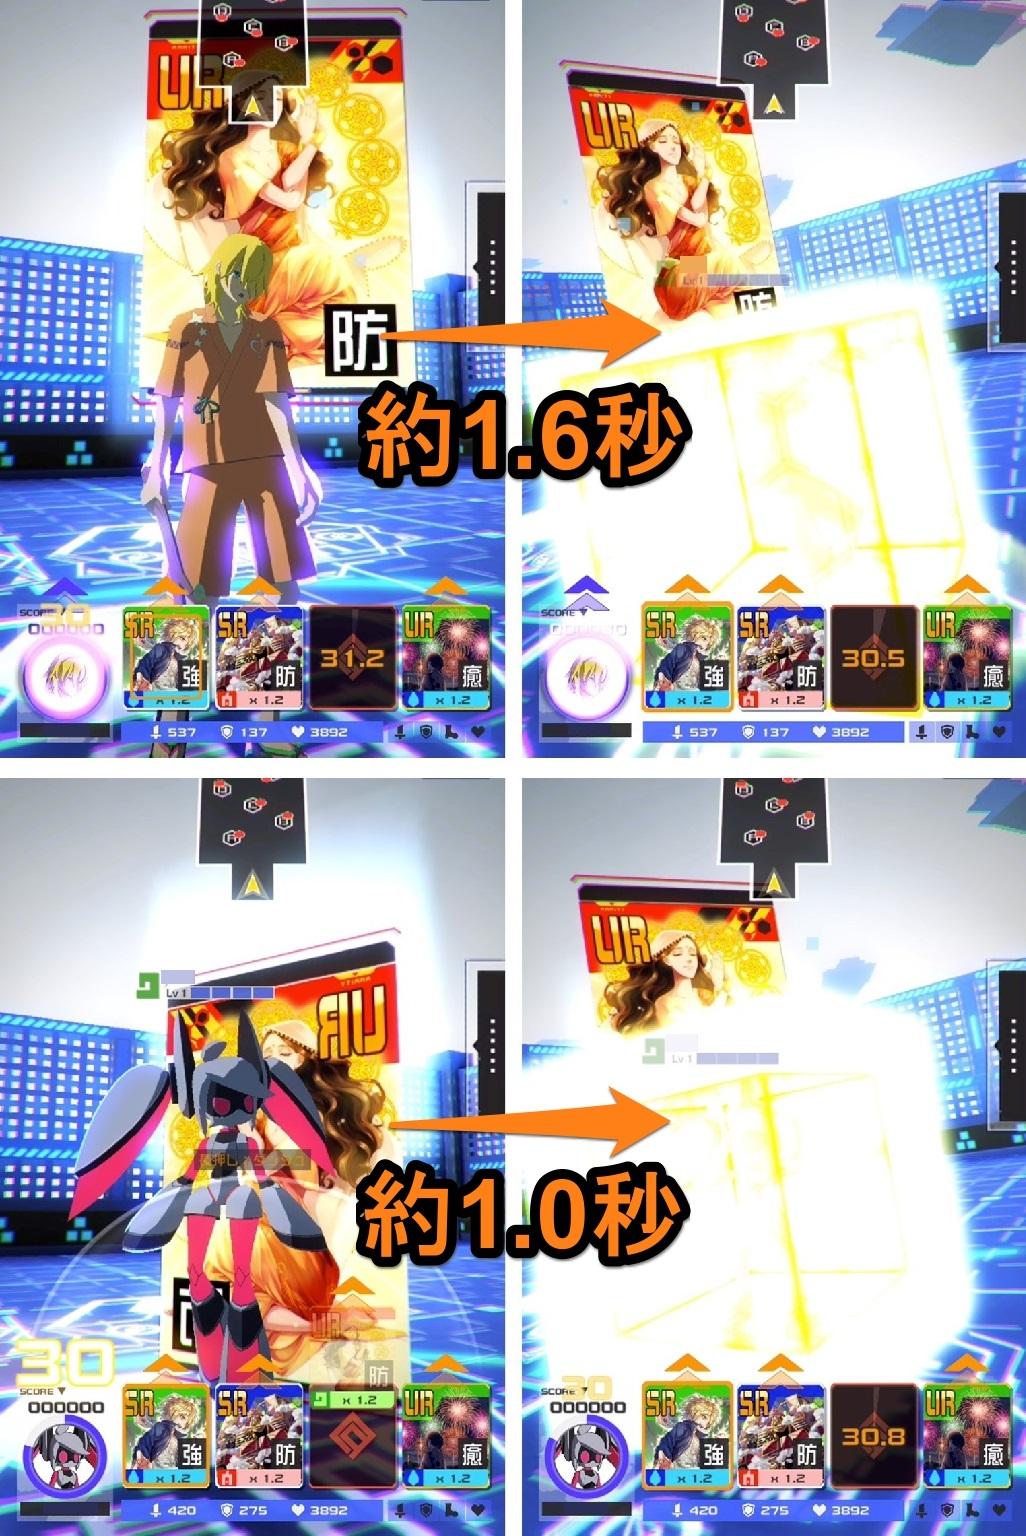 #コンパス【中級者攻略】: 勝率アップ!覚えておきたいバトルテクニック集(その2)【1/19更新】